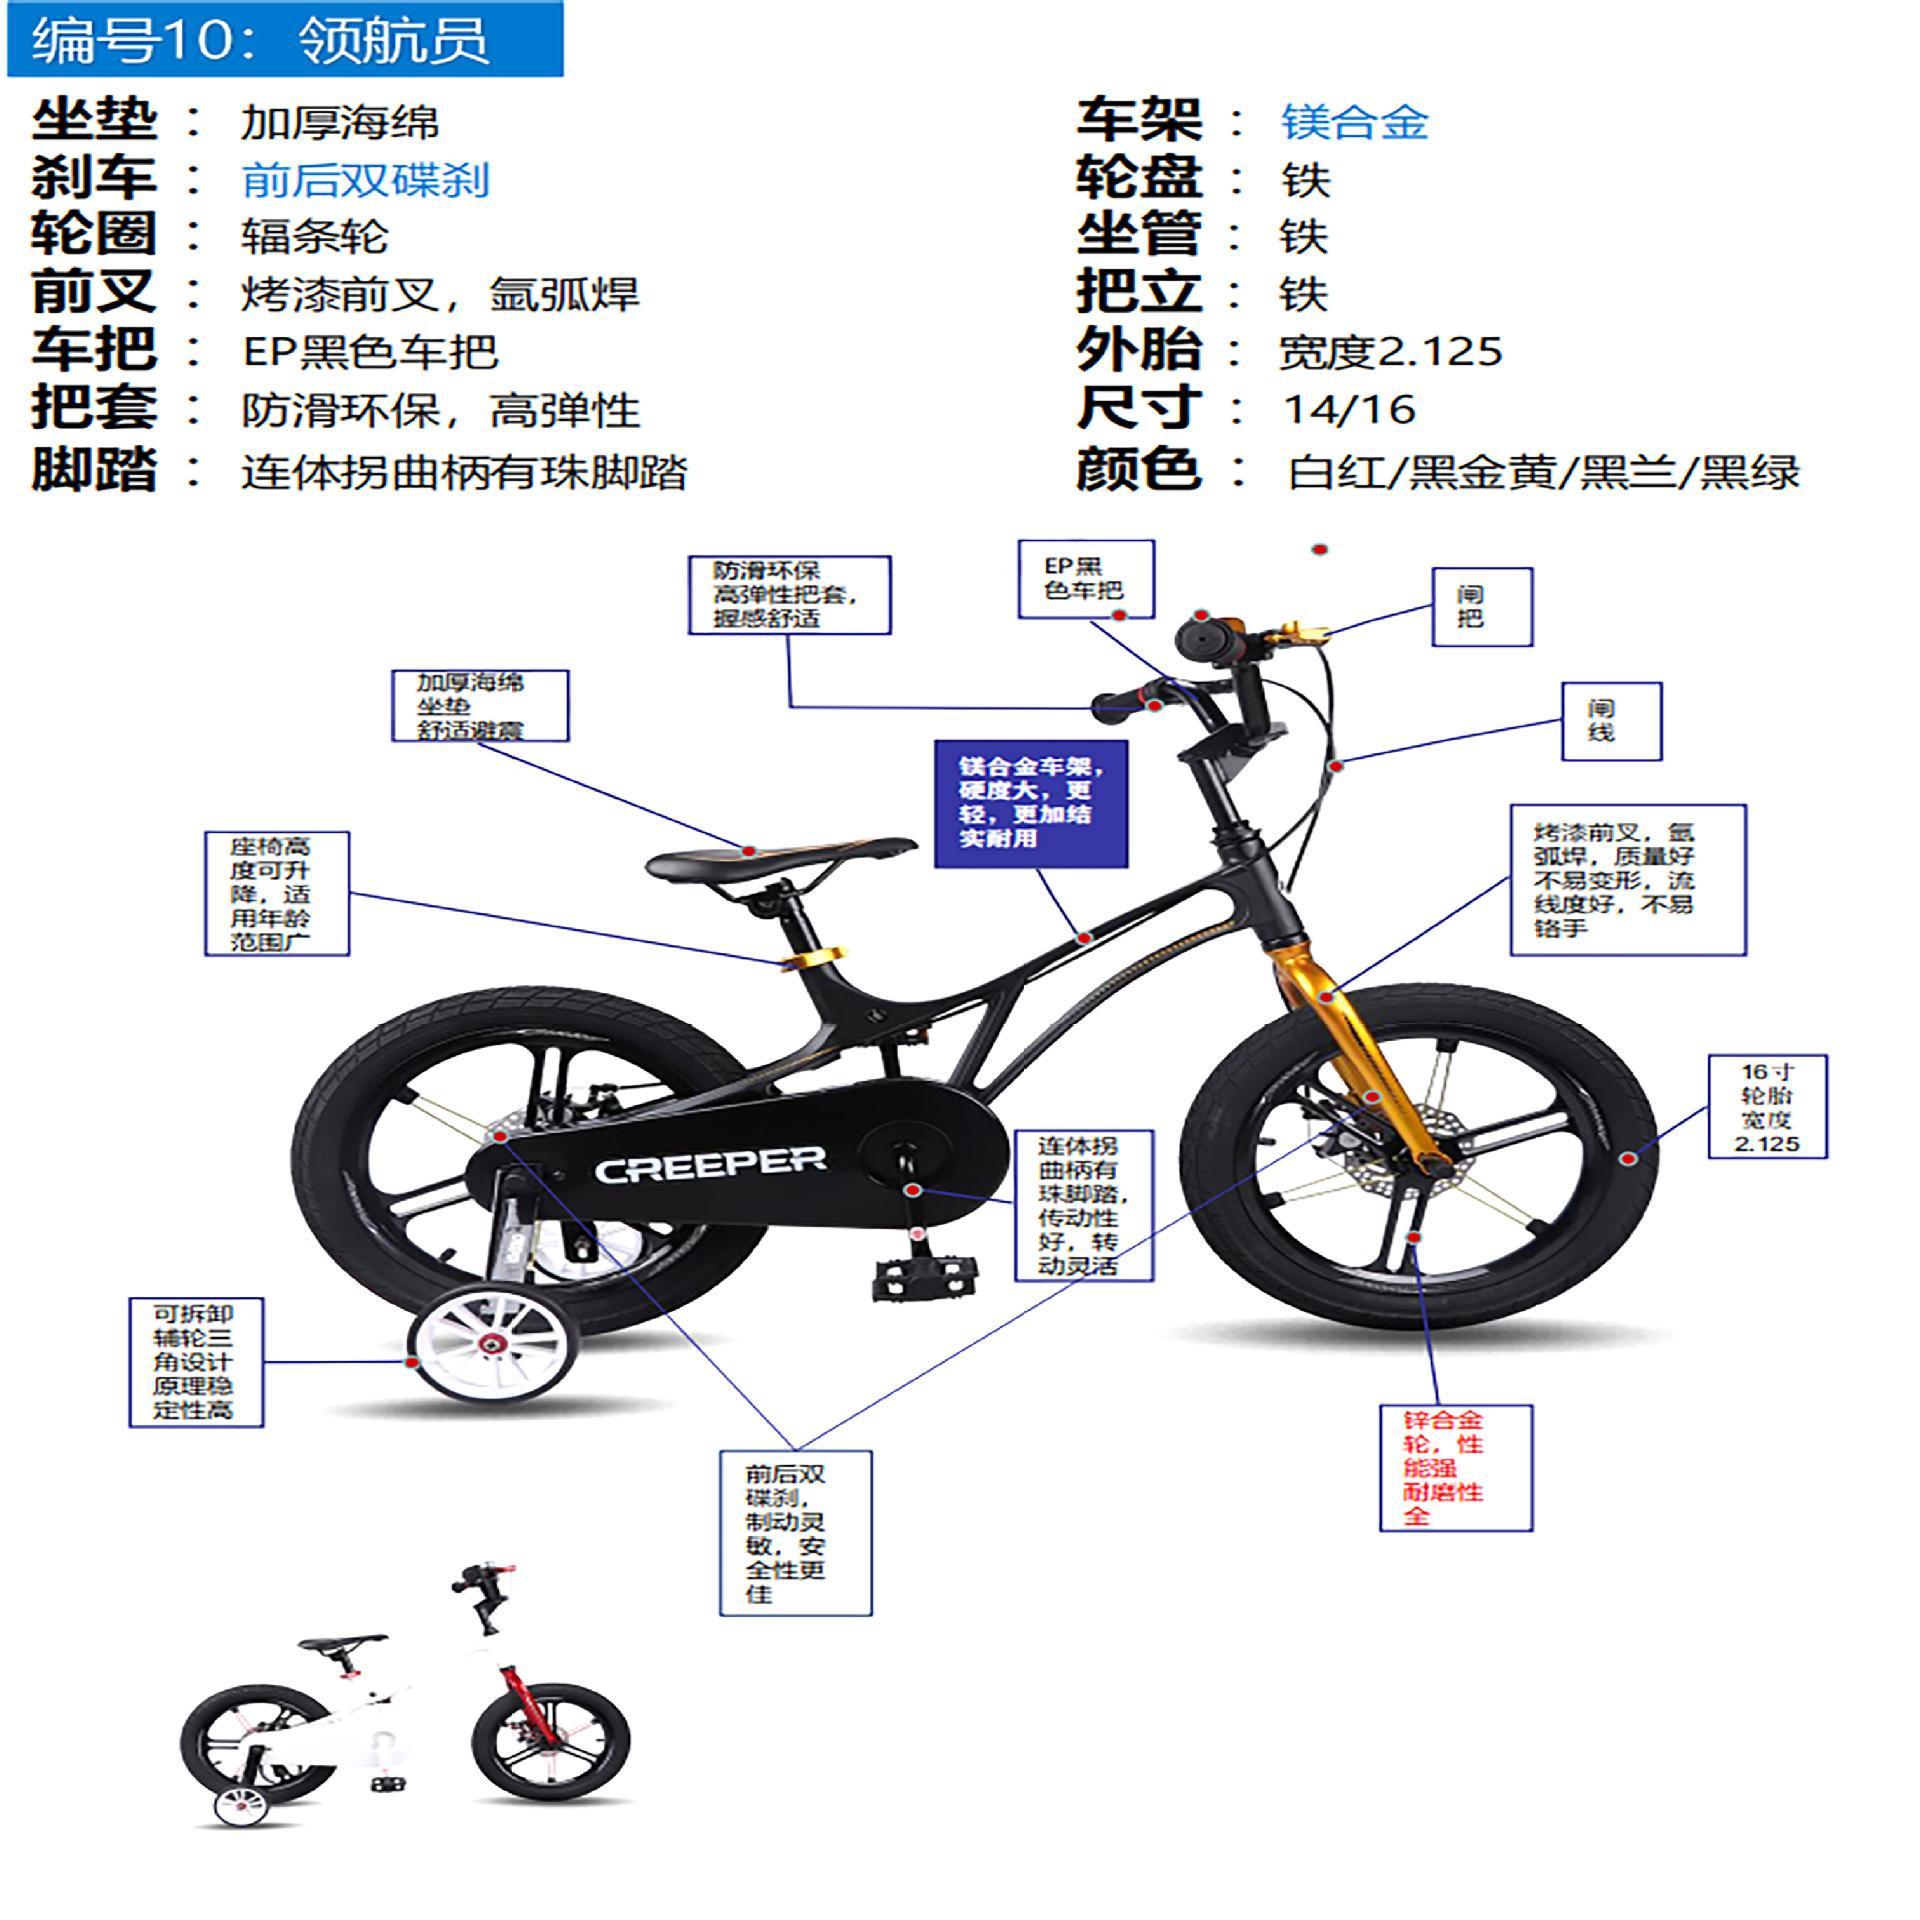 优贝领航员镁合金高档儿童自行车双碟刹16寸儿童单车脚踏车